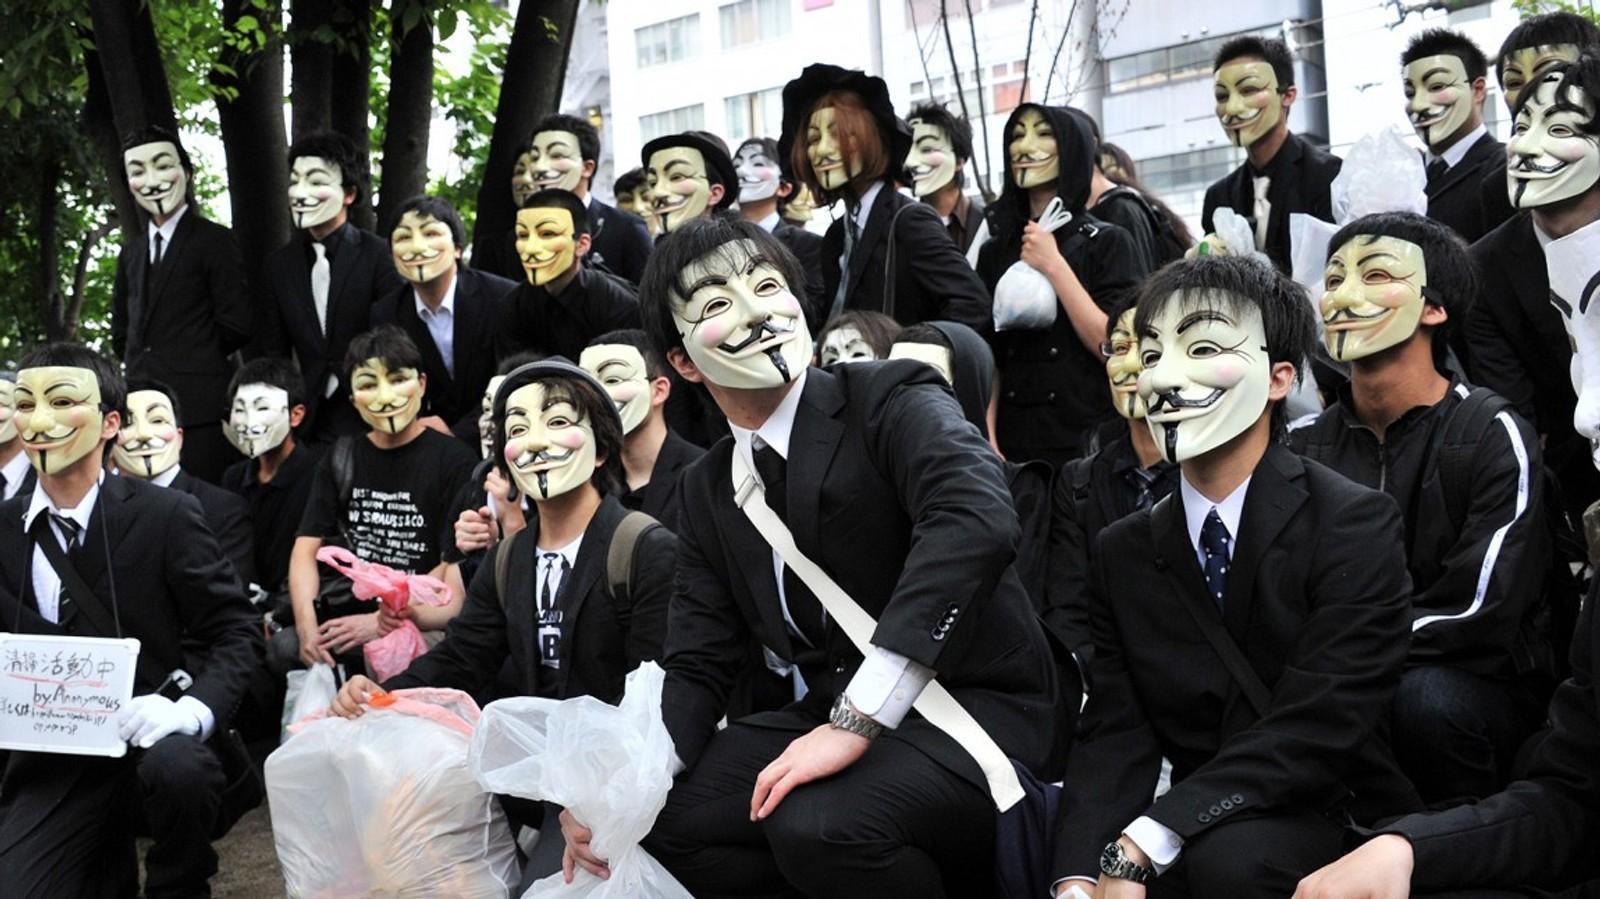 En gruppe av «hacker-aktivister» fra Anonymous-bevegelsen protesterte i Japan i 2012.